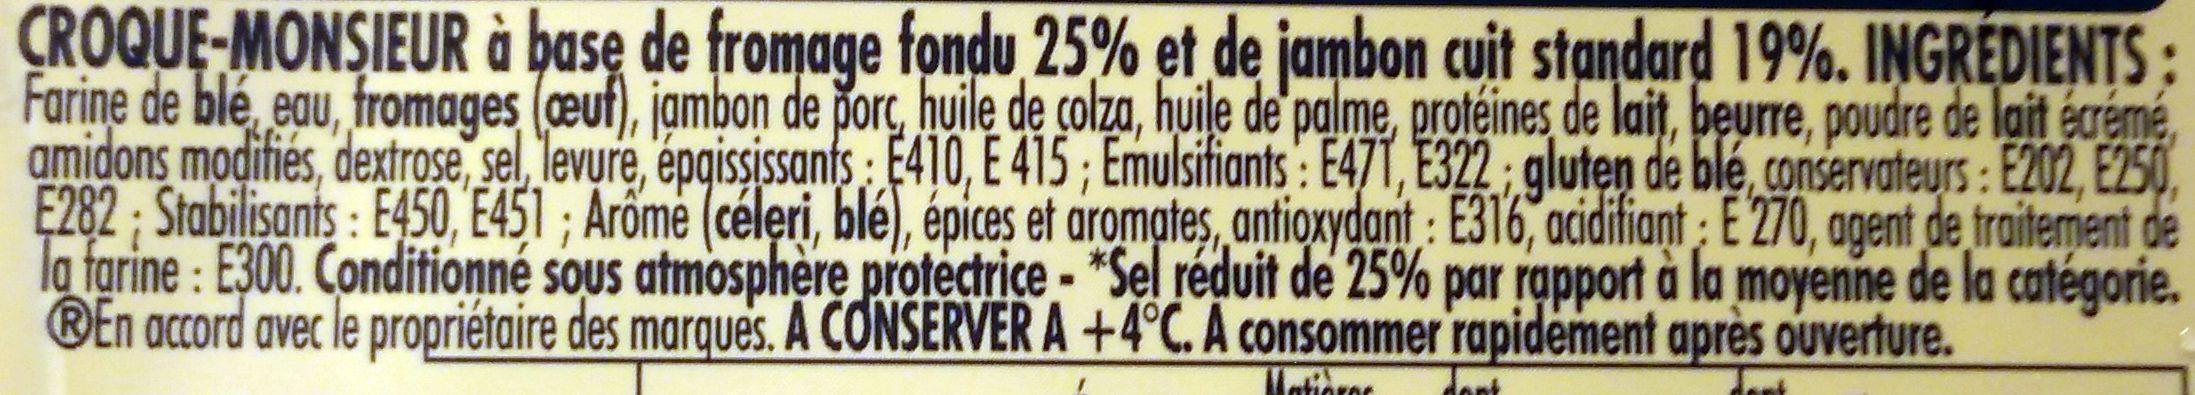 Tendre Croc' L'Original Jambon Fromage -25% de Sel - Ingrédients - fr